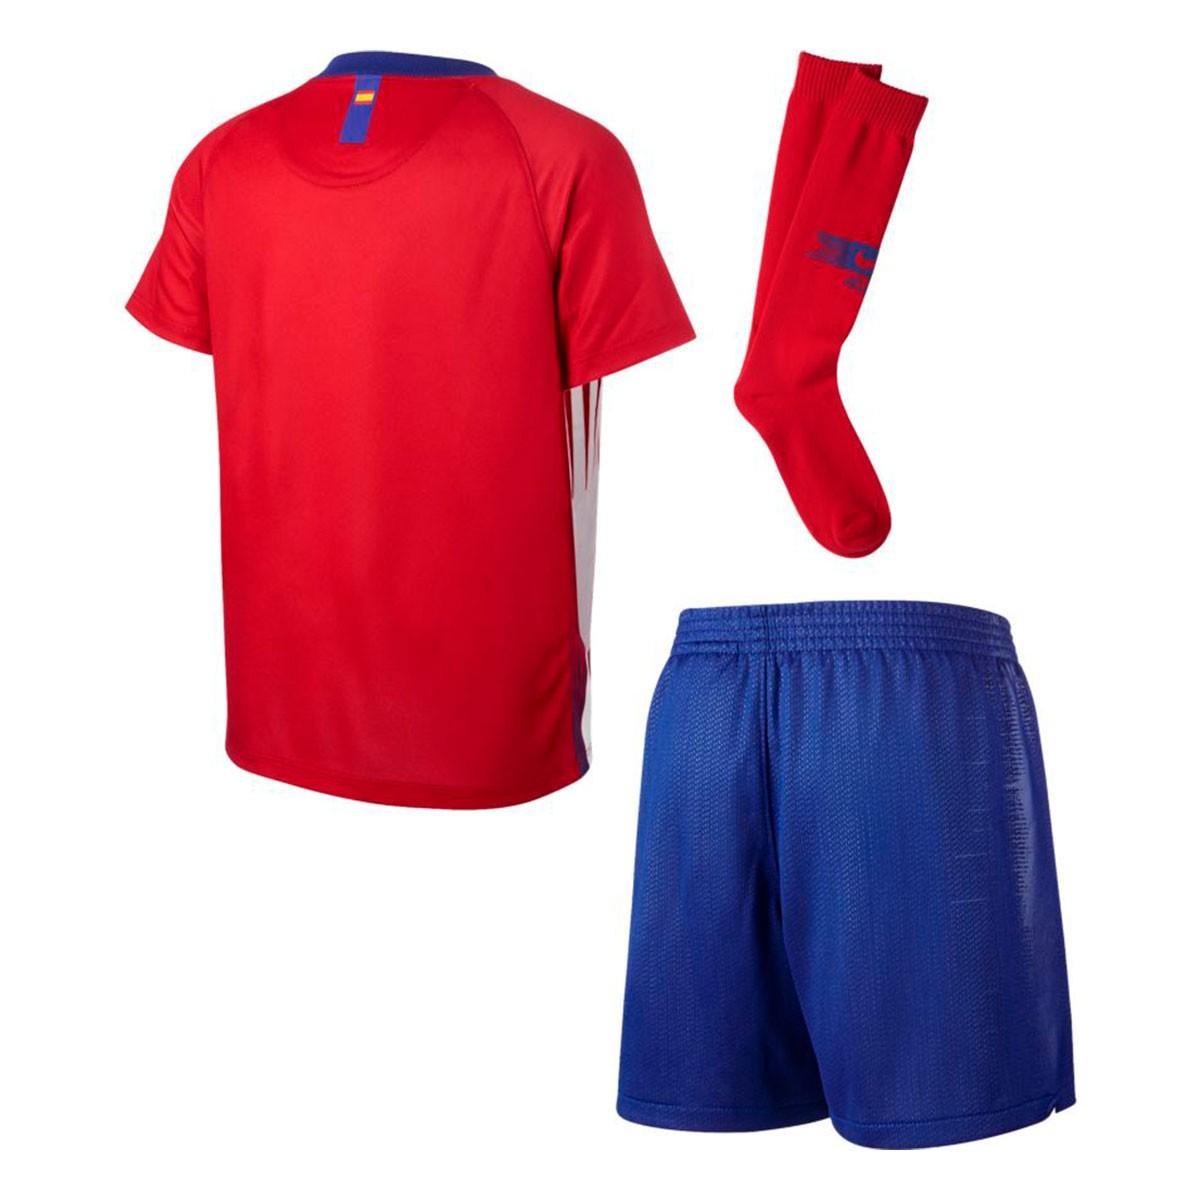 f4e21bd27541f Conjunto Nike Atlético de Madrid Primera Equipación 2018-2019 Niño Sport  red-White-Deep royal blue - Tienda de fútbol Fútbol Emotion